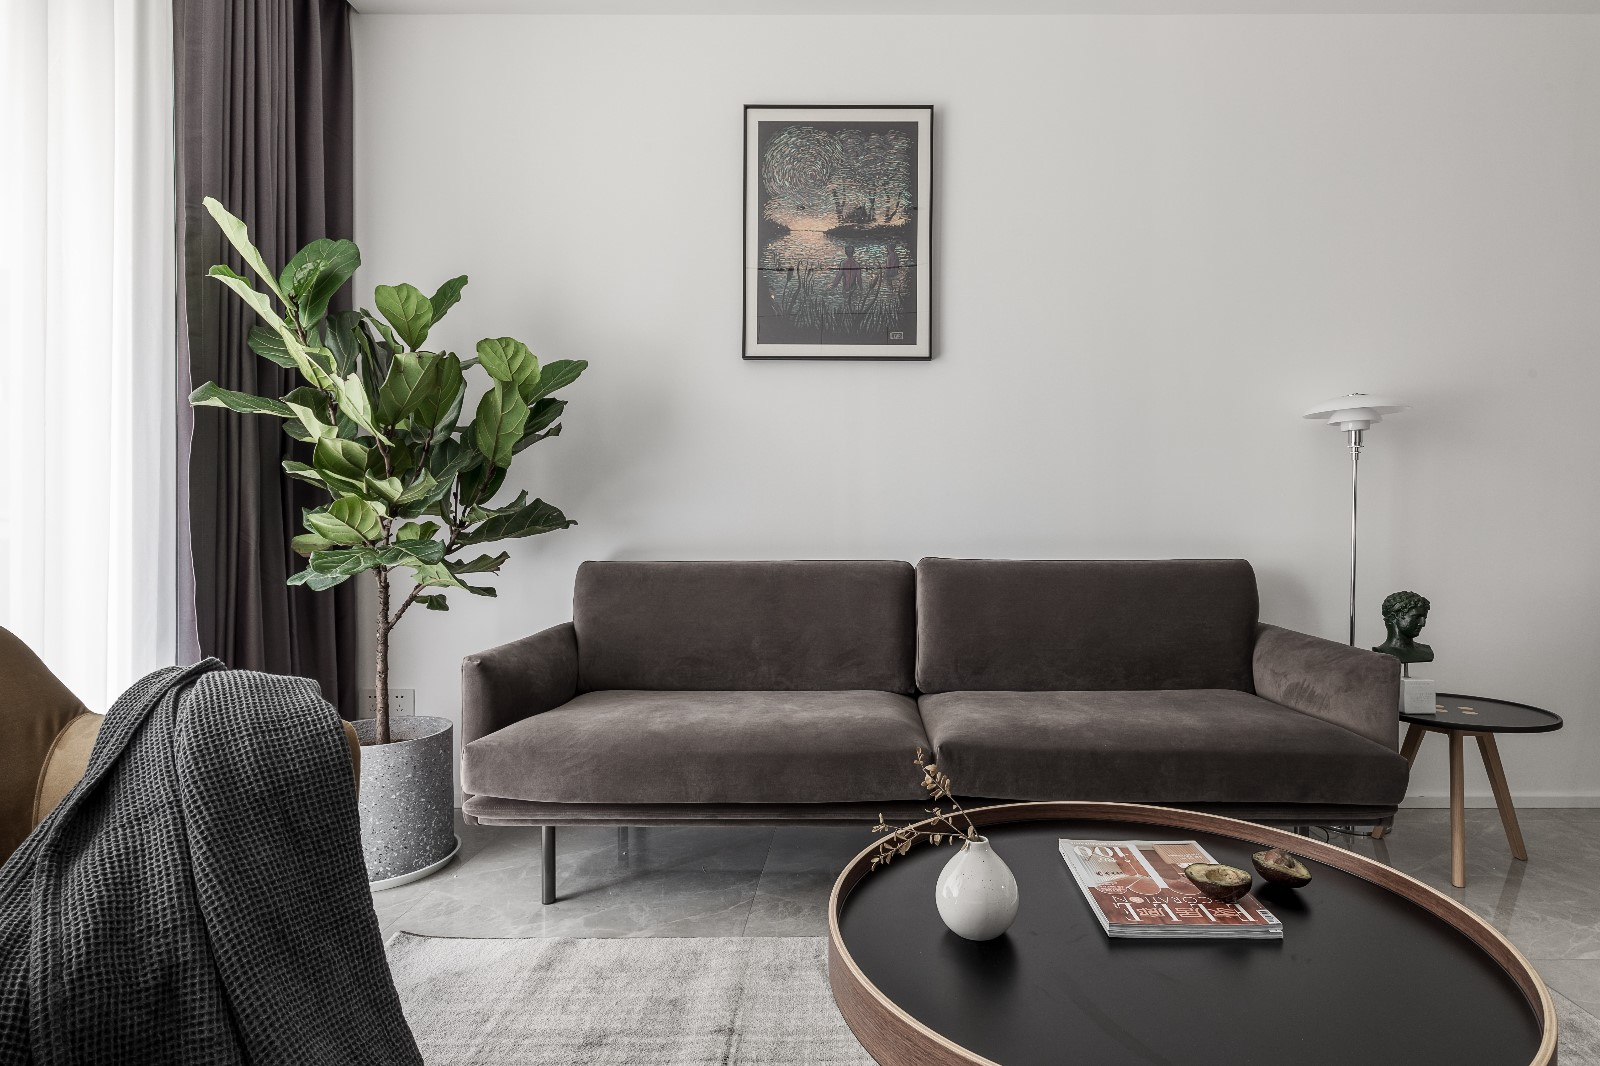 清新日光居、三口之家客厅3图北欧极简客厅设计图片赏析